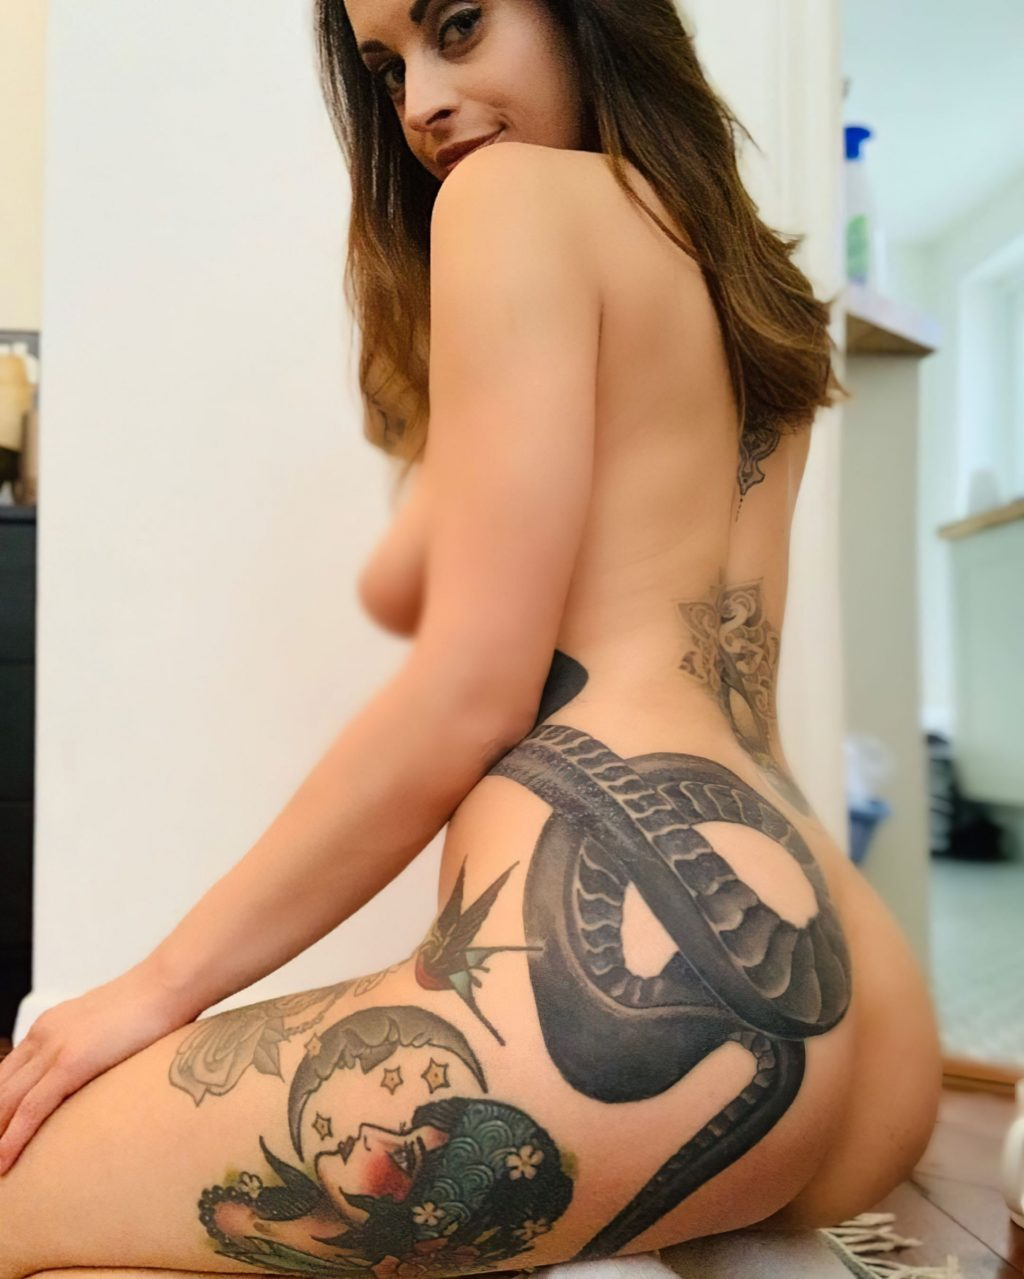 Hel Rae Nude & Sexy (26 Photos)